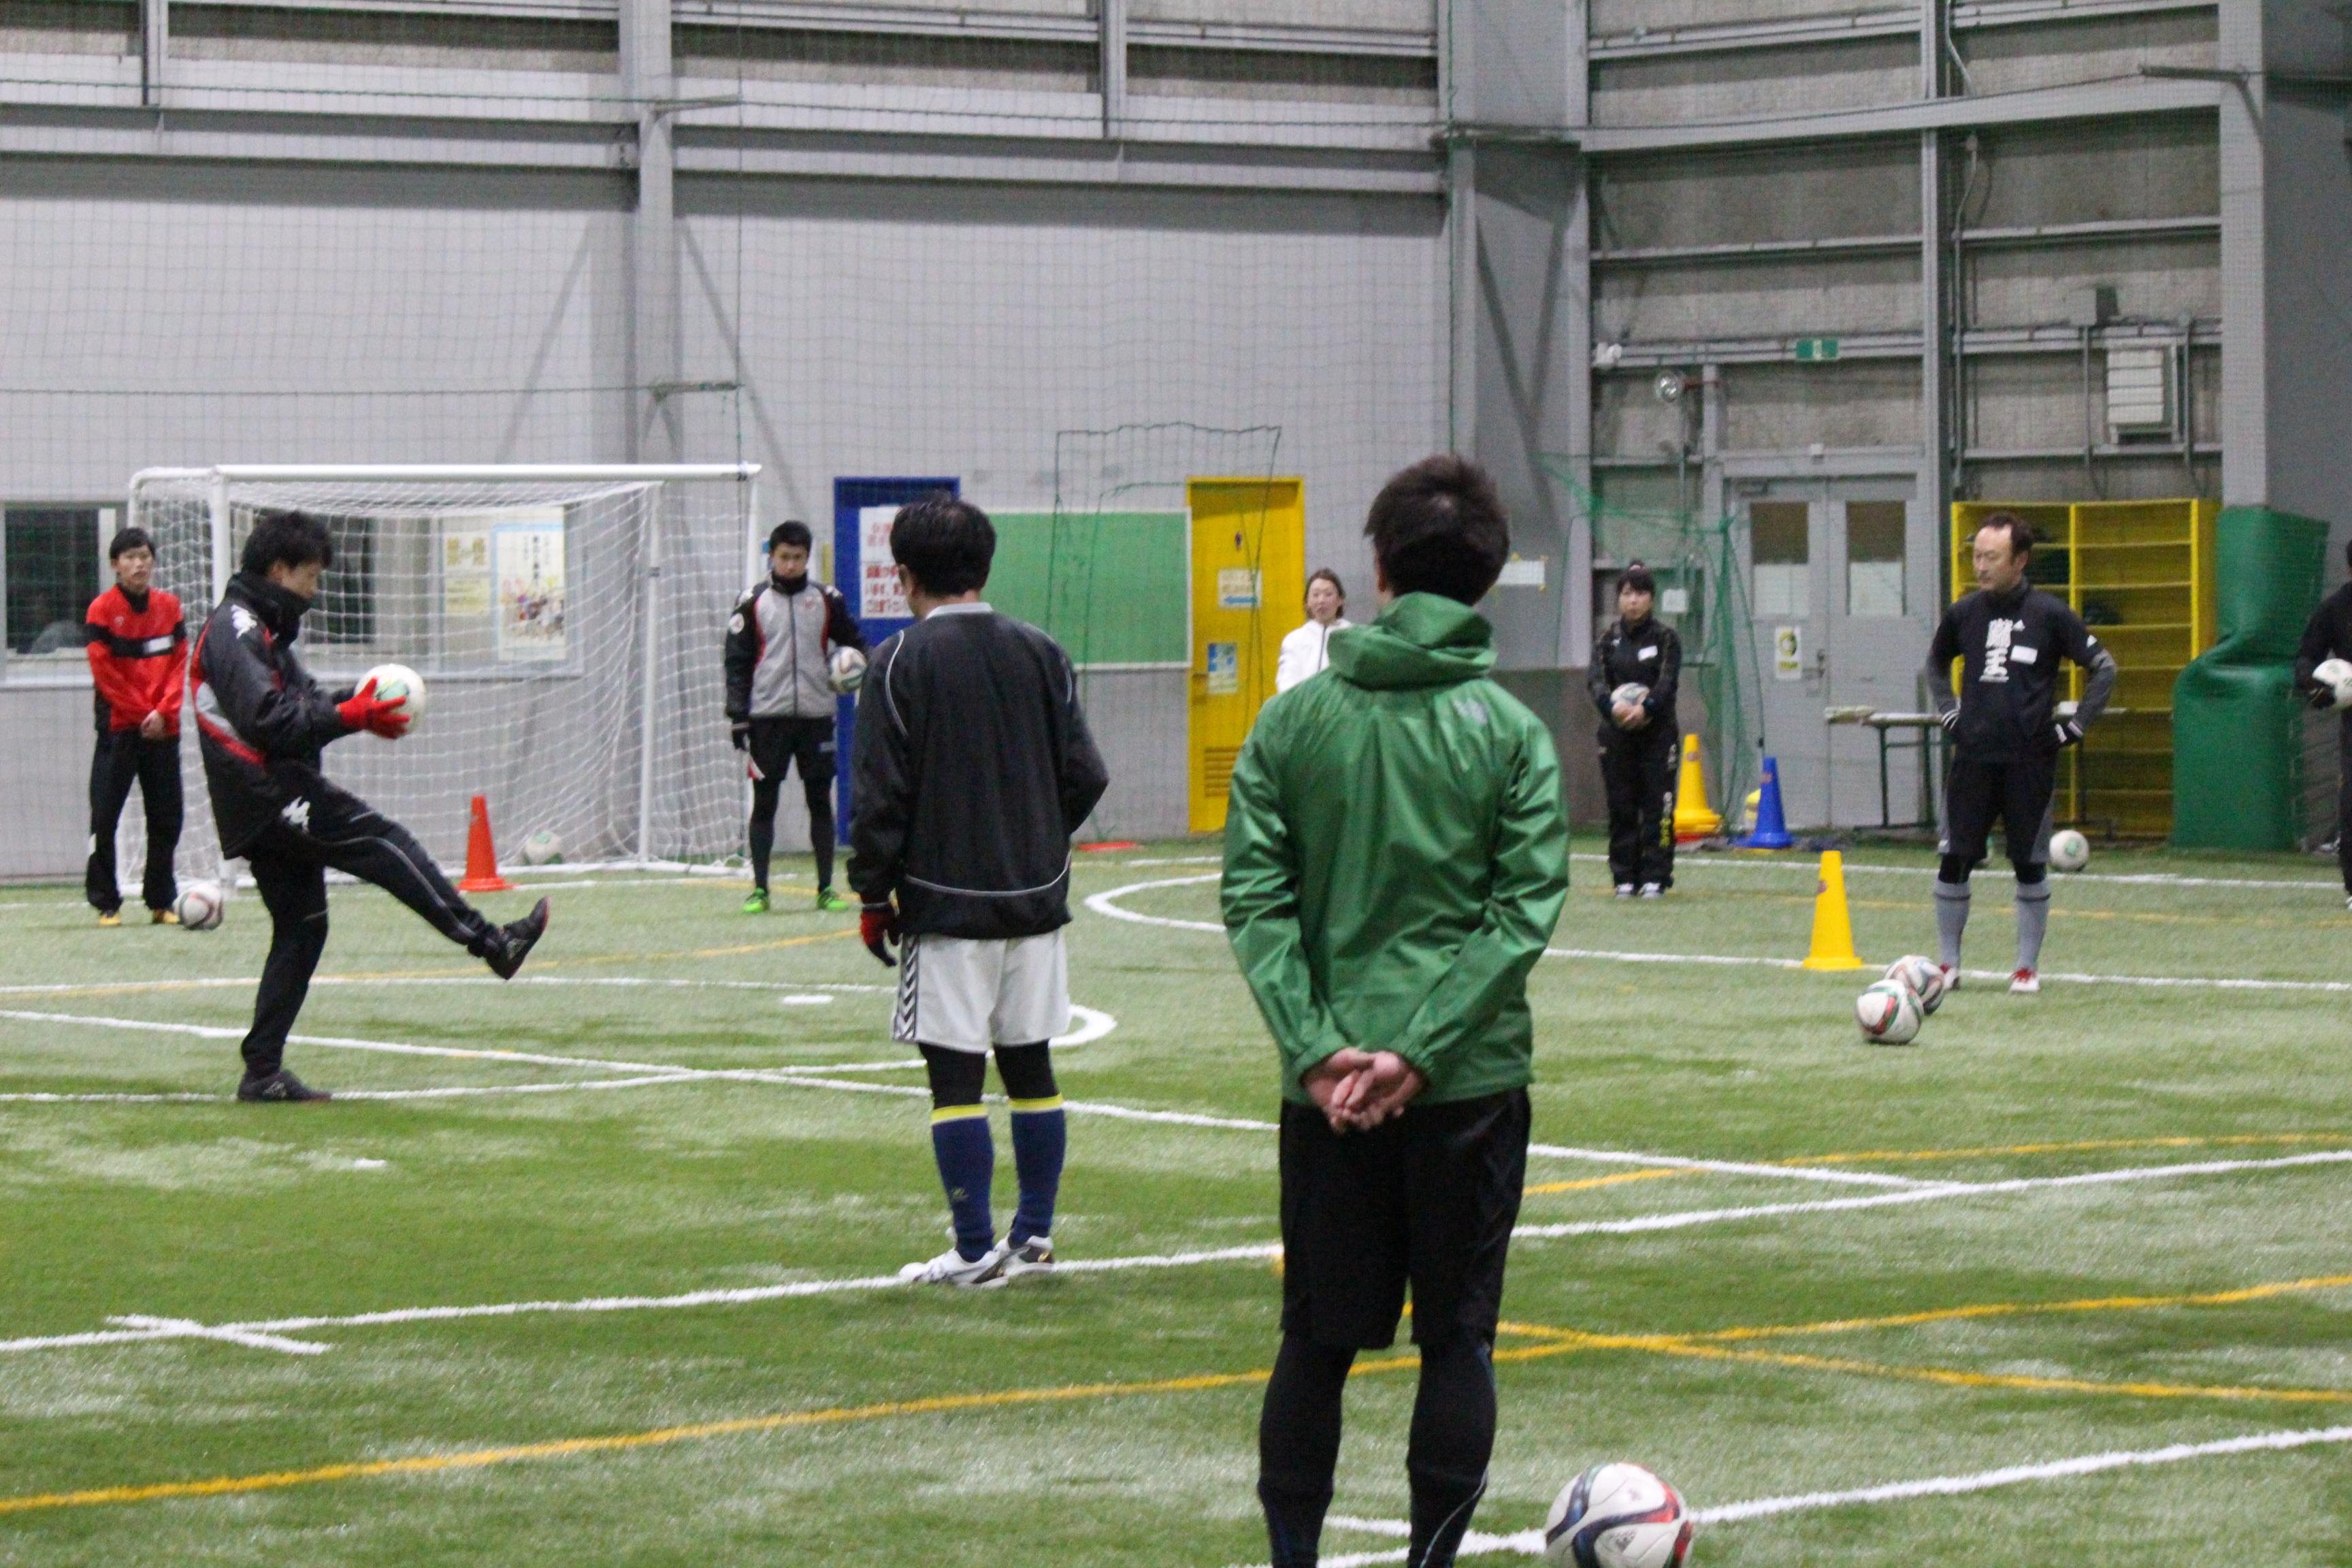 http://chsc.jp/news/up_images/IMG_0213.JPG